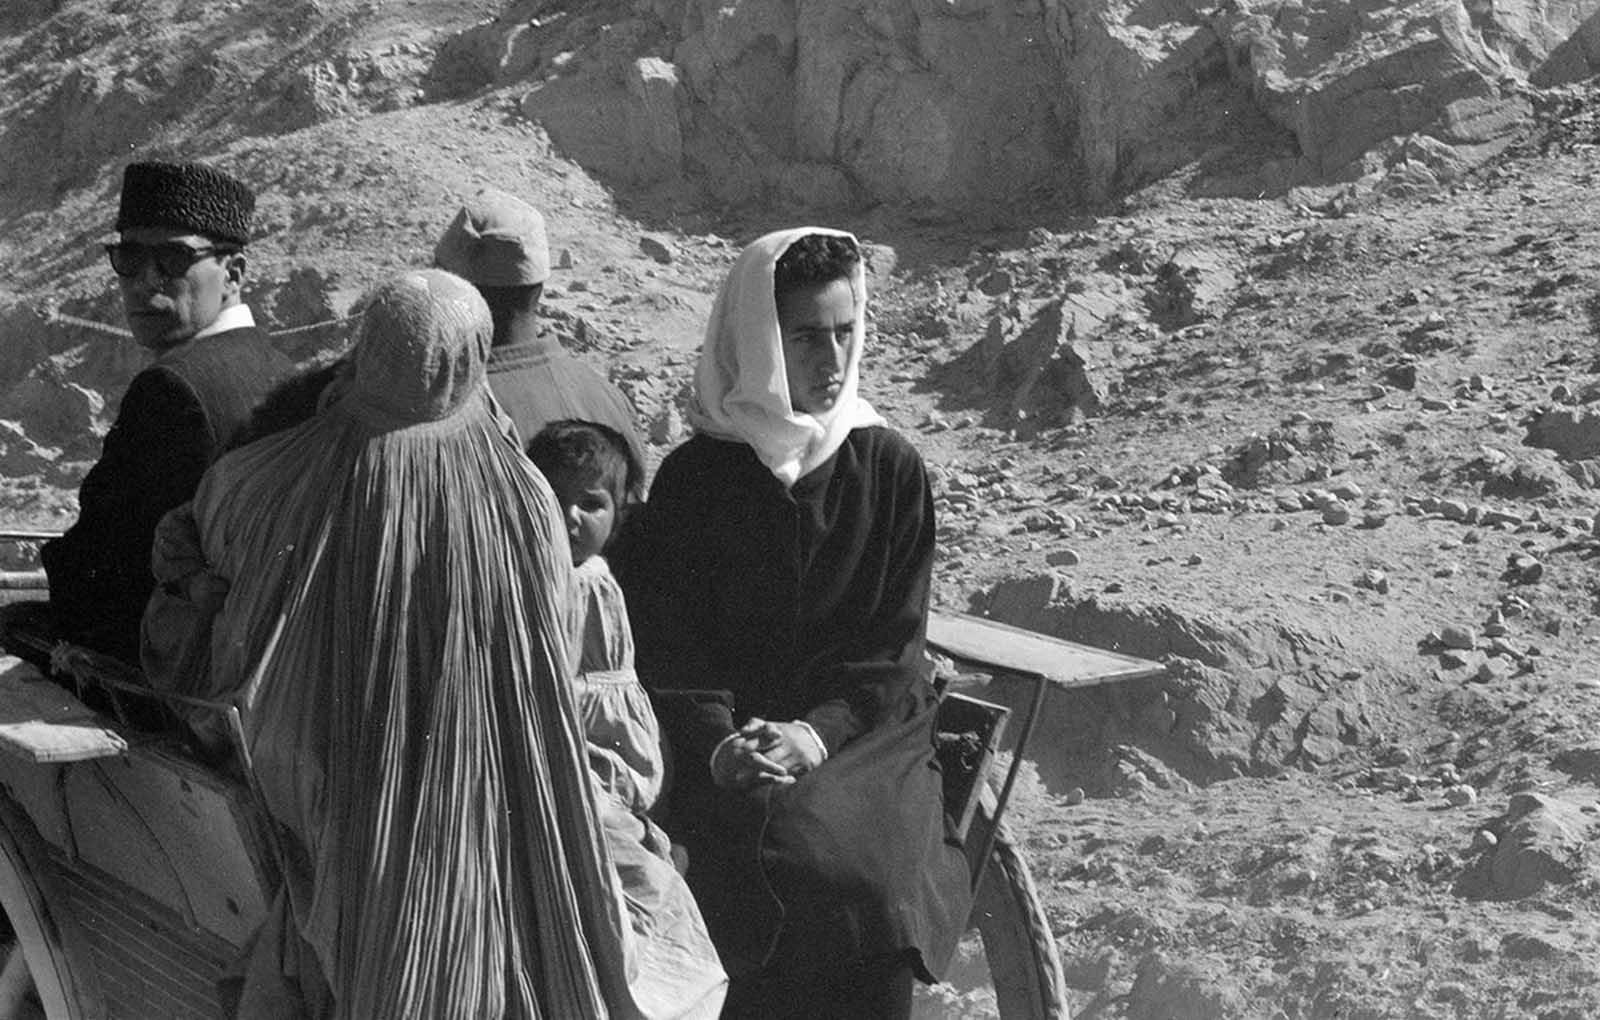 Noviembre de 1959, mujeres, hombres y niños afganos vestidos con trajes tradicionales viajan en un carro a través de un paisaje árido y rocoso.